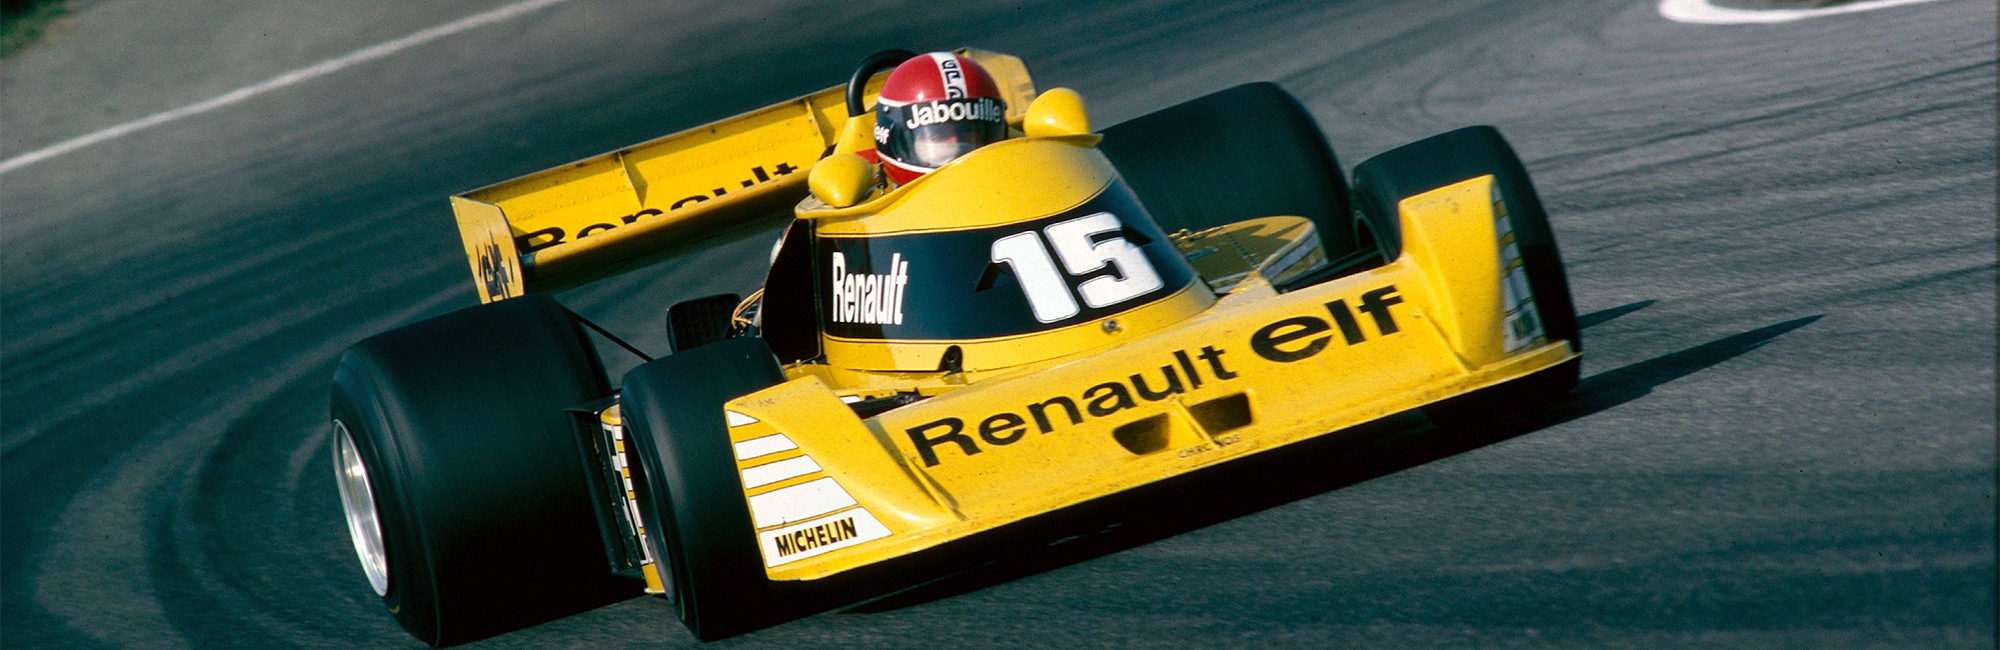 Jean-Pierre Jabouille, Formel 1